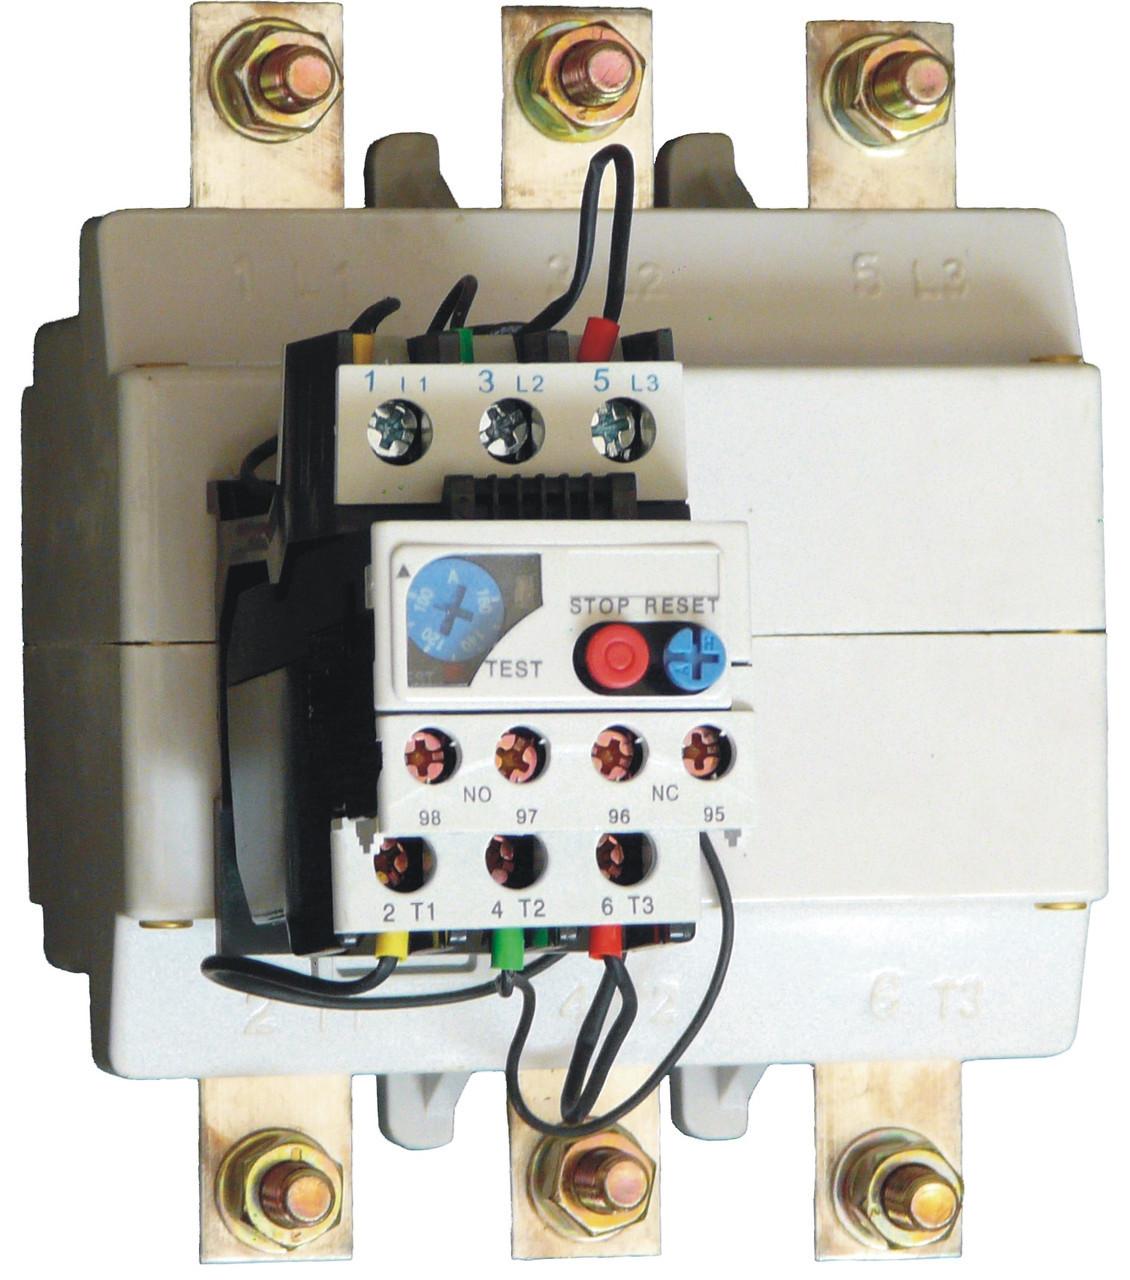 Реле теплове Промфактор РТ 2М-200, 80-200А, 1NO+1NC, Автономне